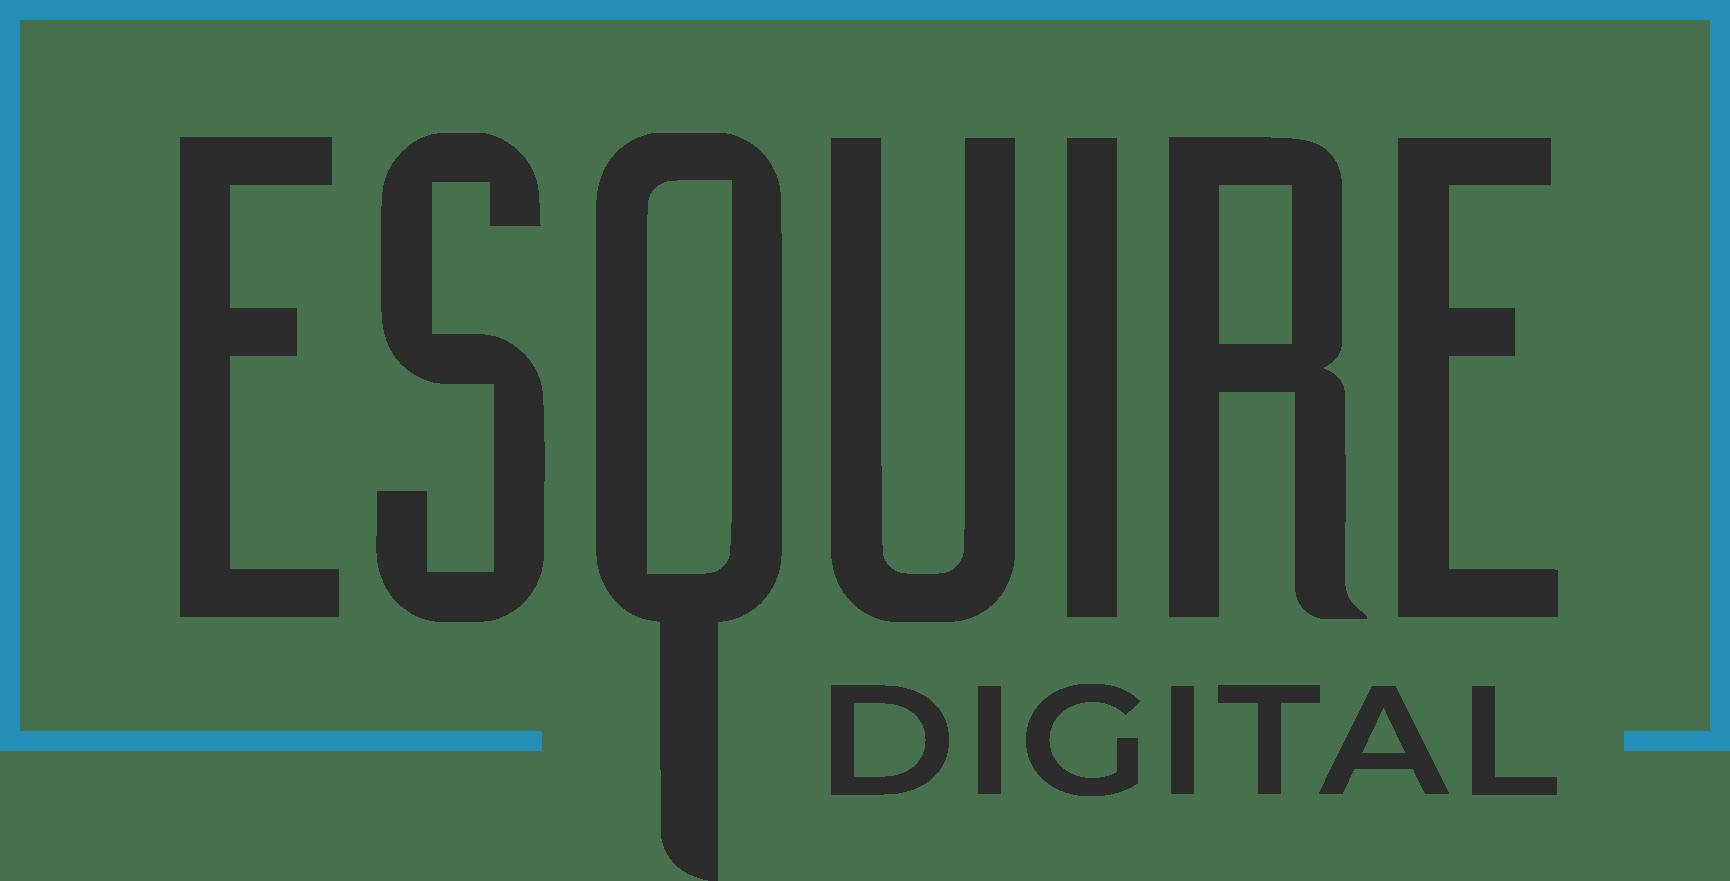 Esquire Digital Logo